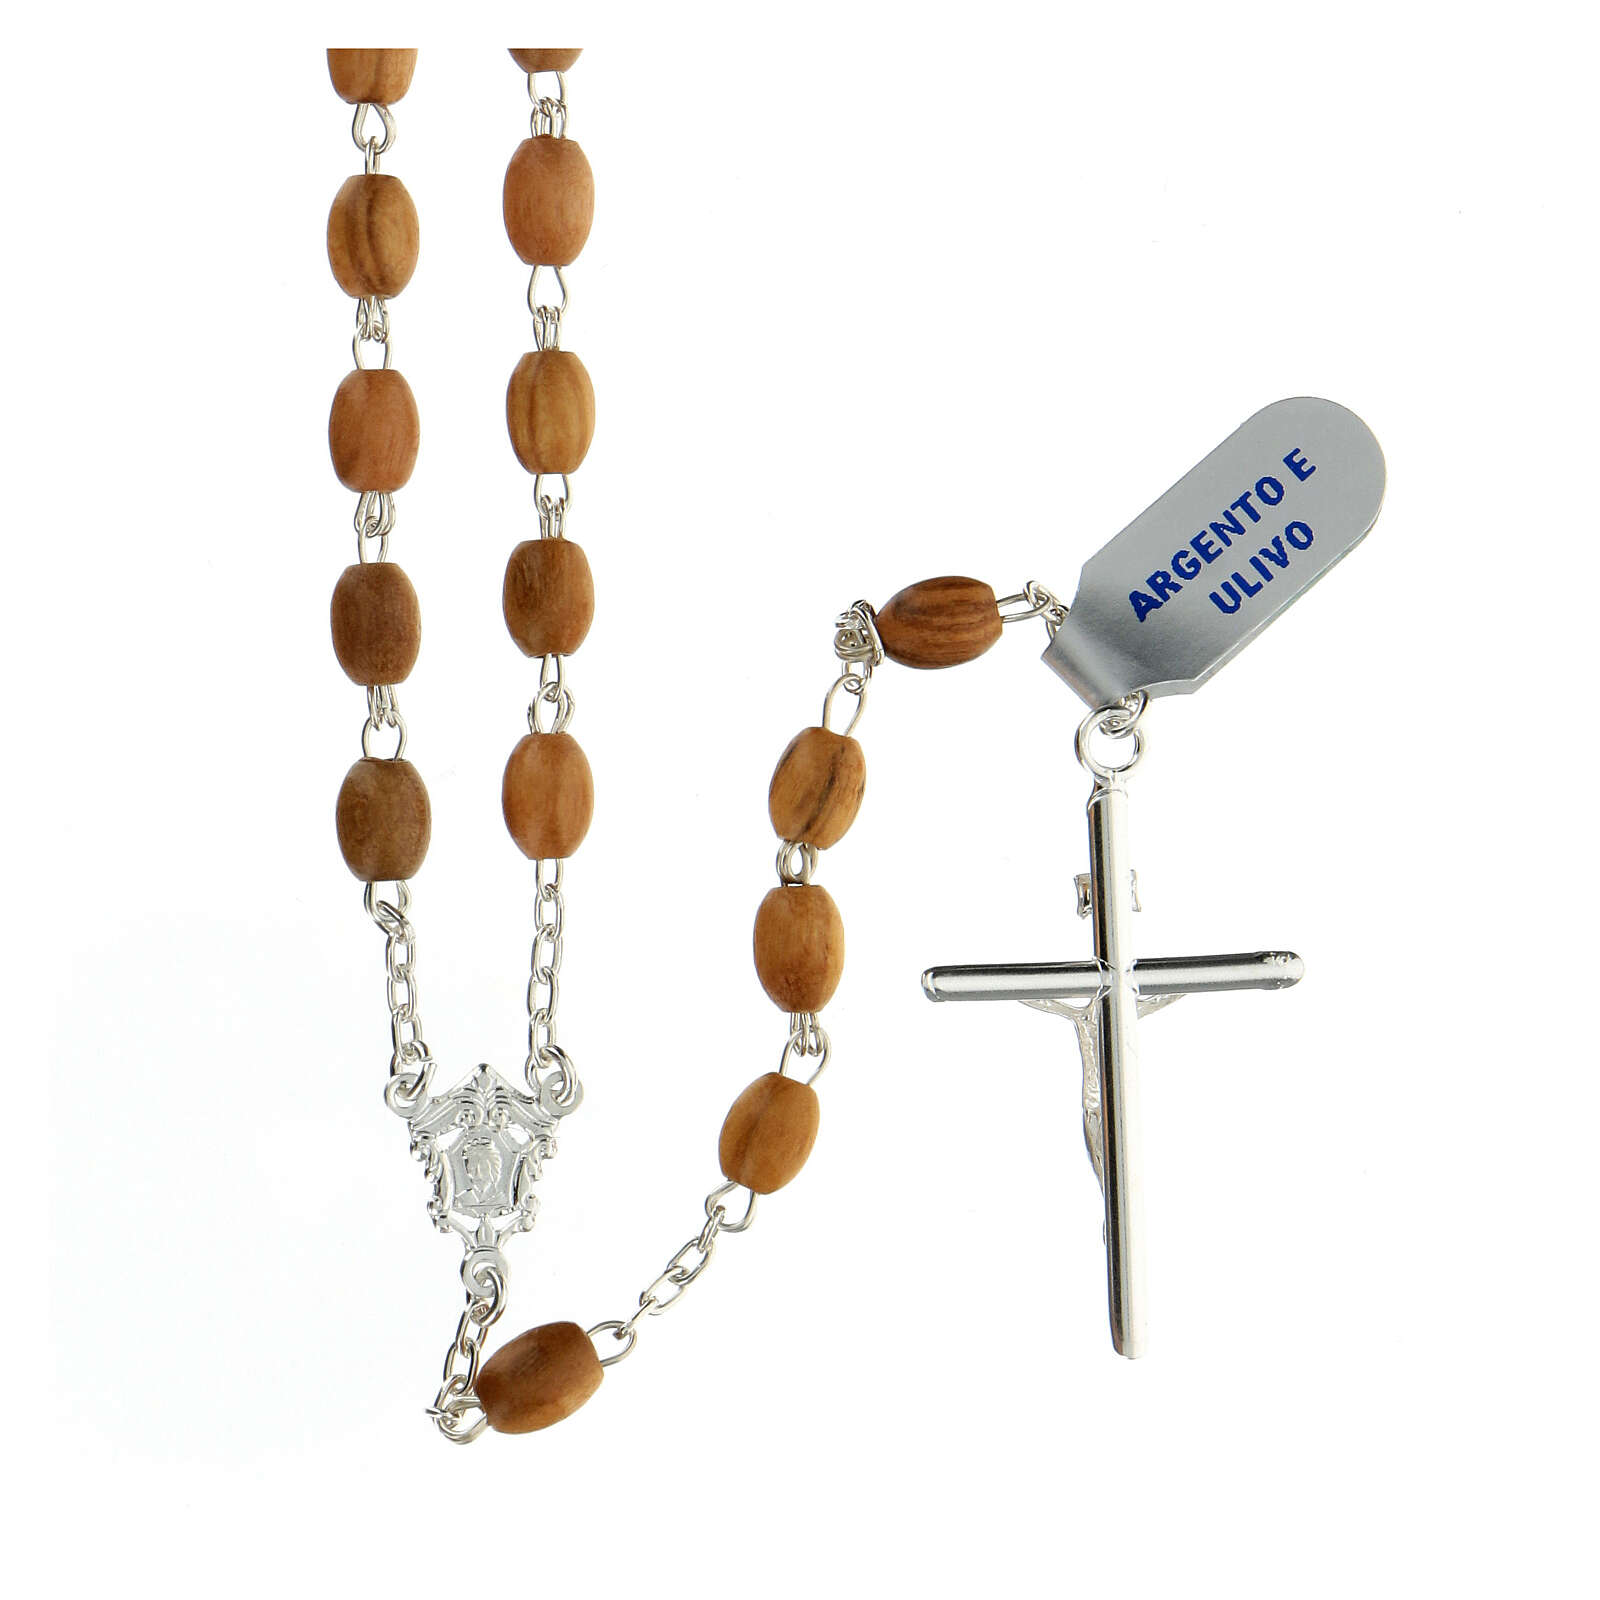 Rosario plata 925 granos ovalados olivo 7x5 mm cruz cuerpo Cristo 4